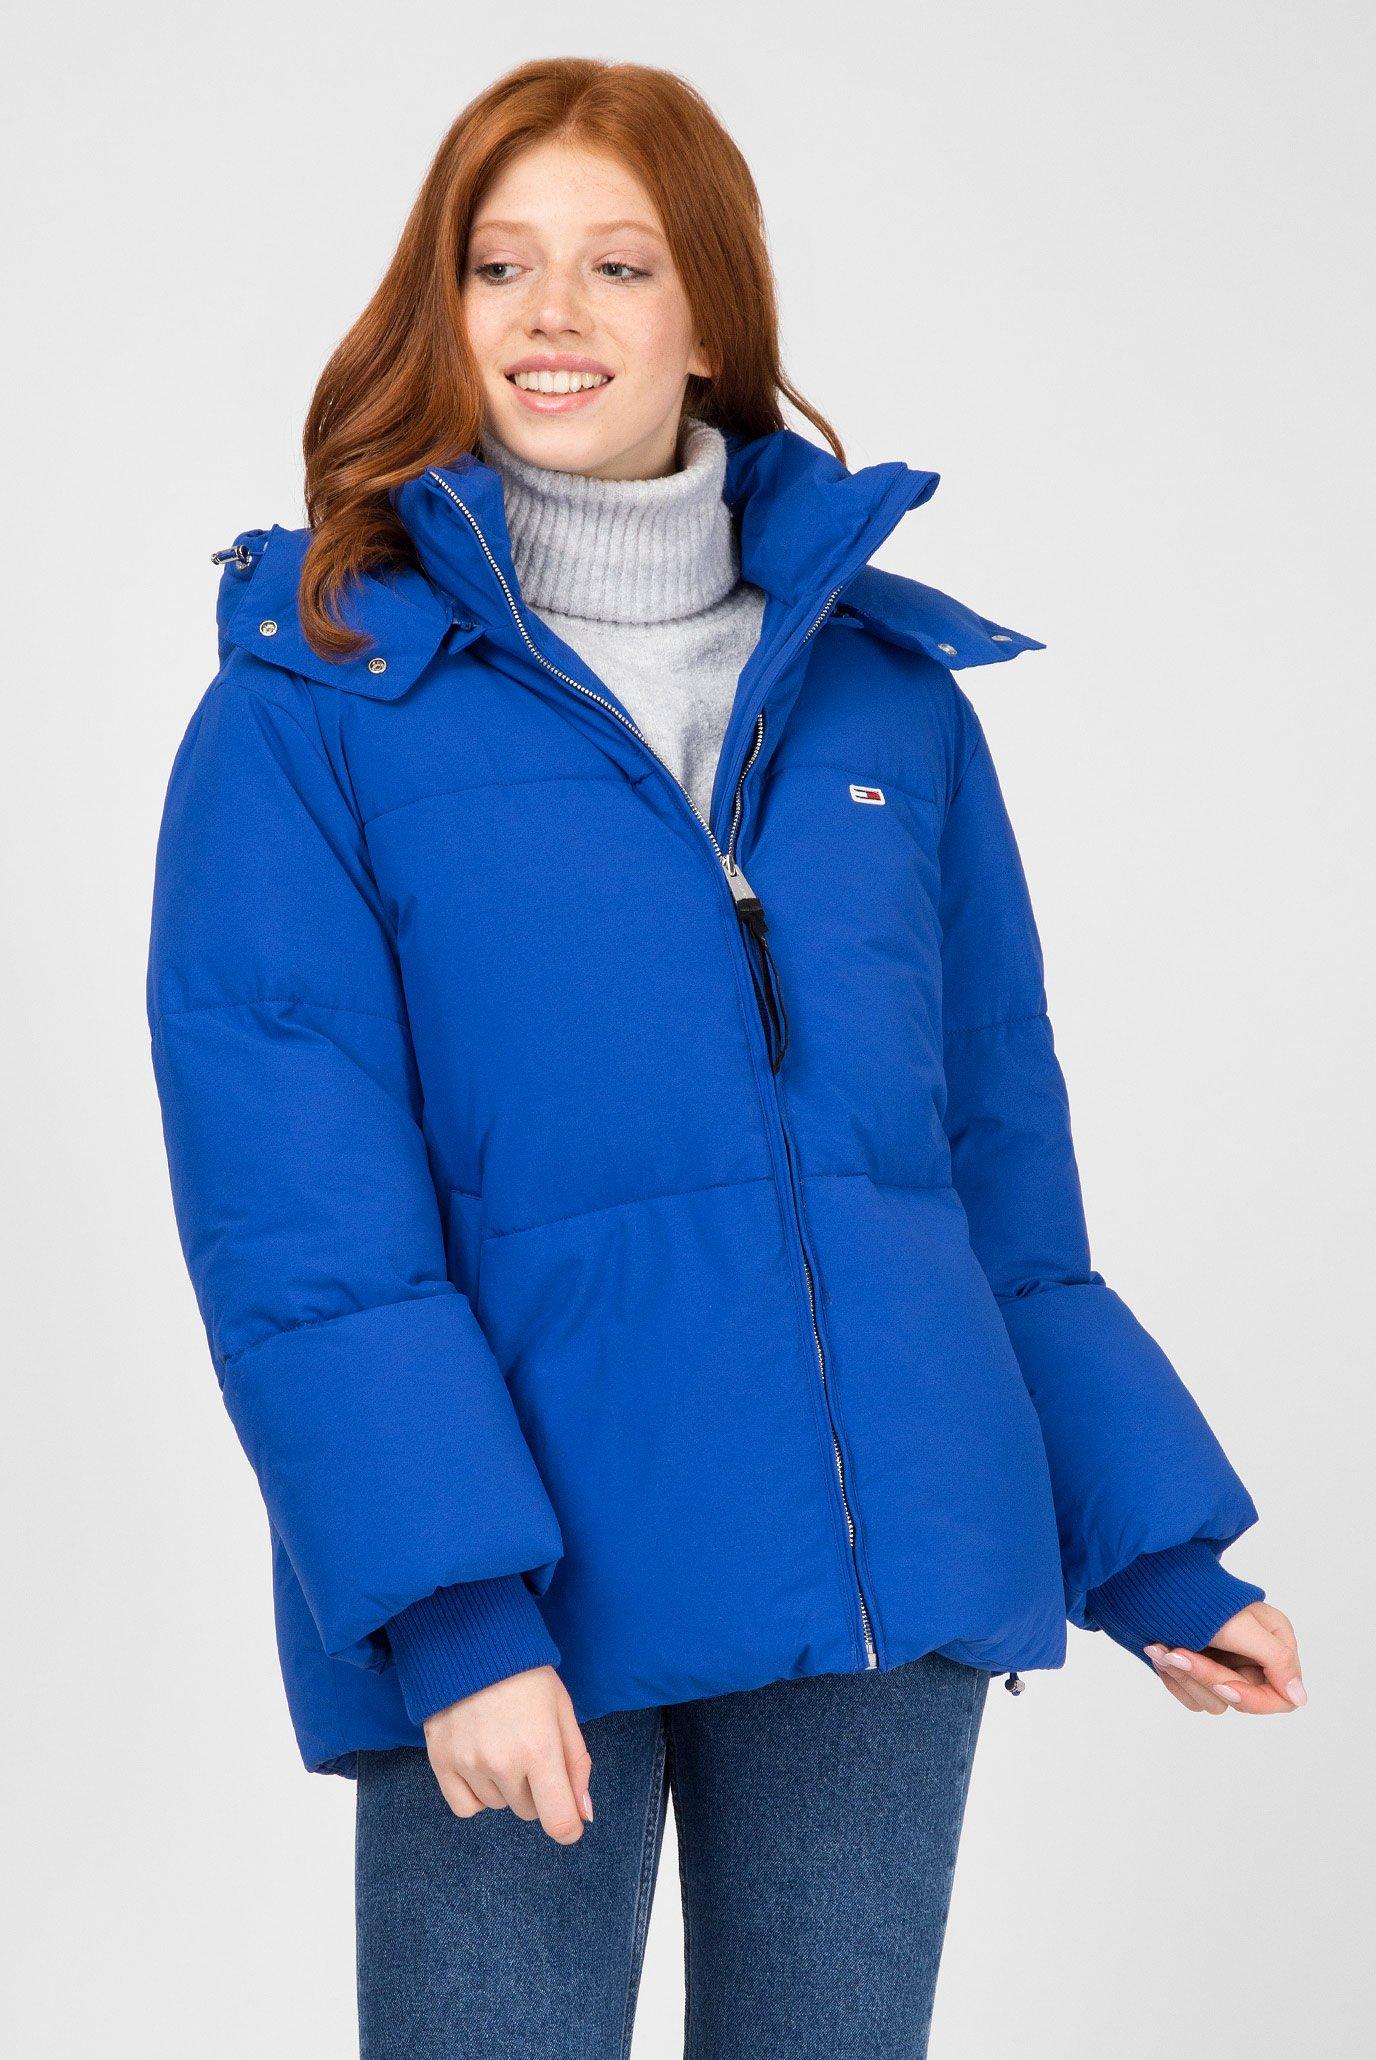 940b24a1be2 Купить Женская синяя куртка Tommy Hilfiger Tommy Hilfiger DW0DW05183 –  Киев